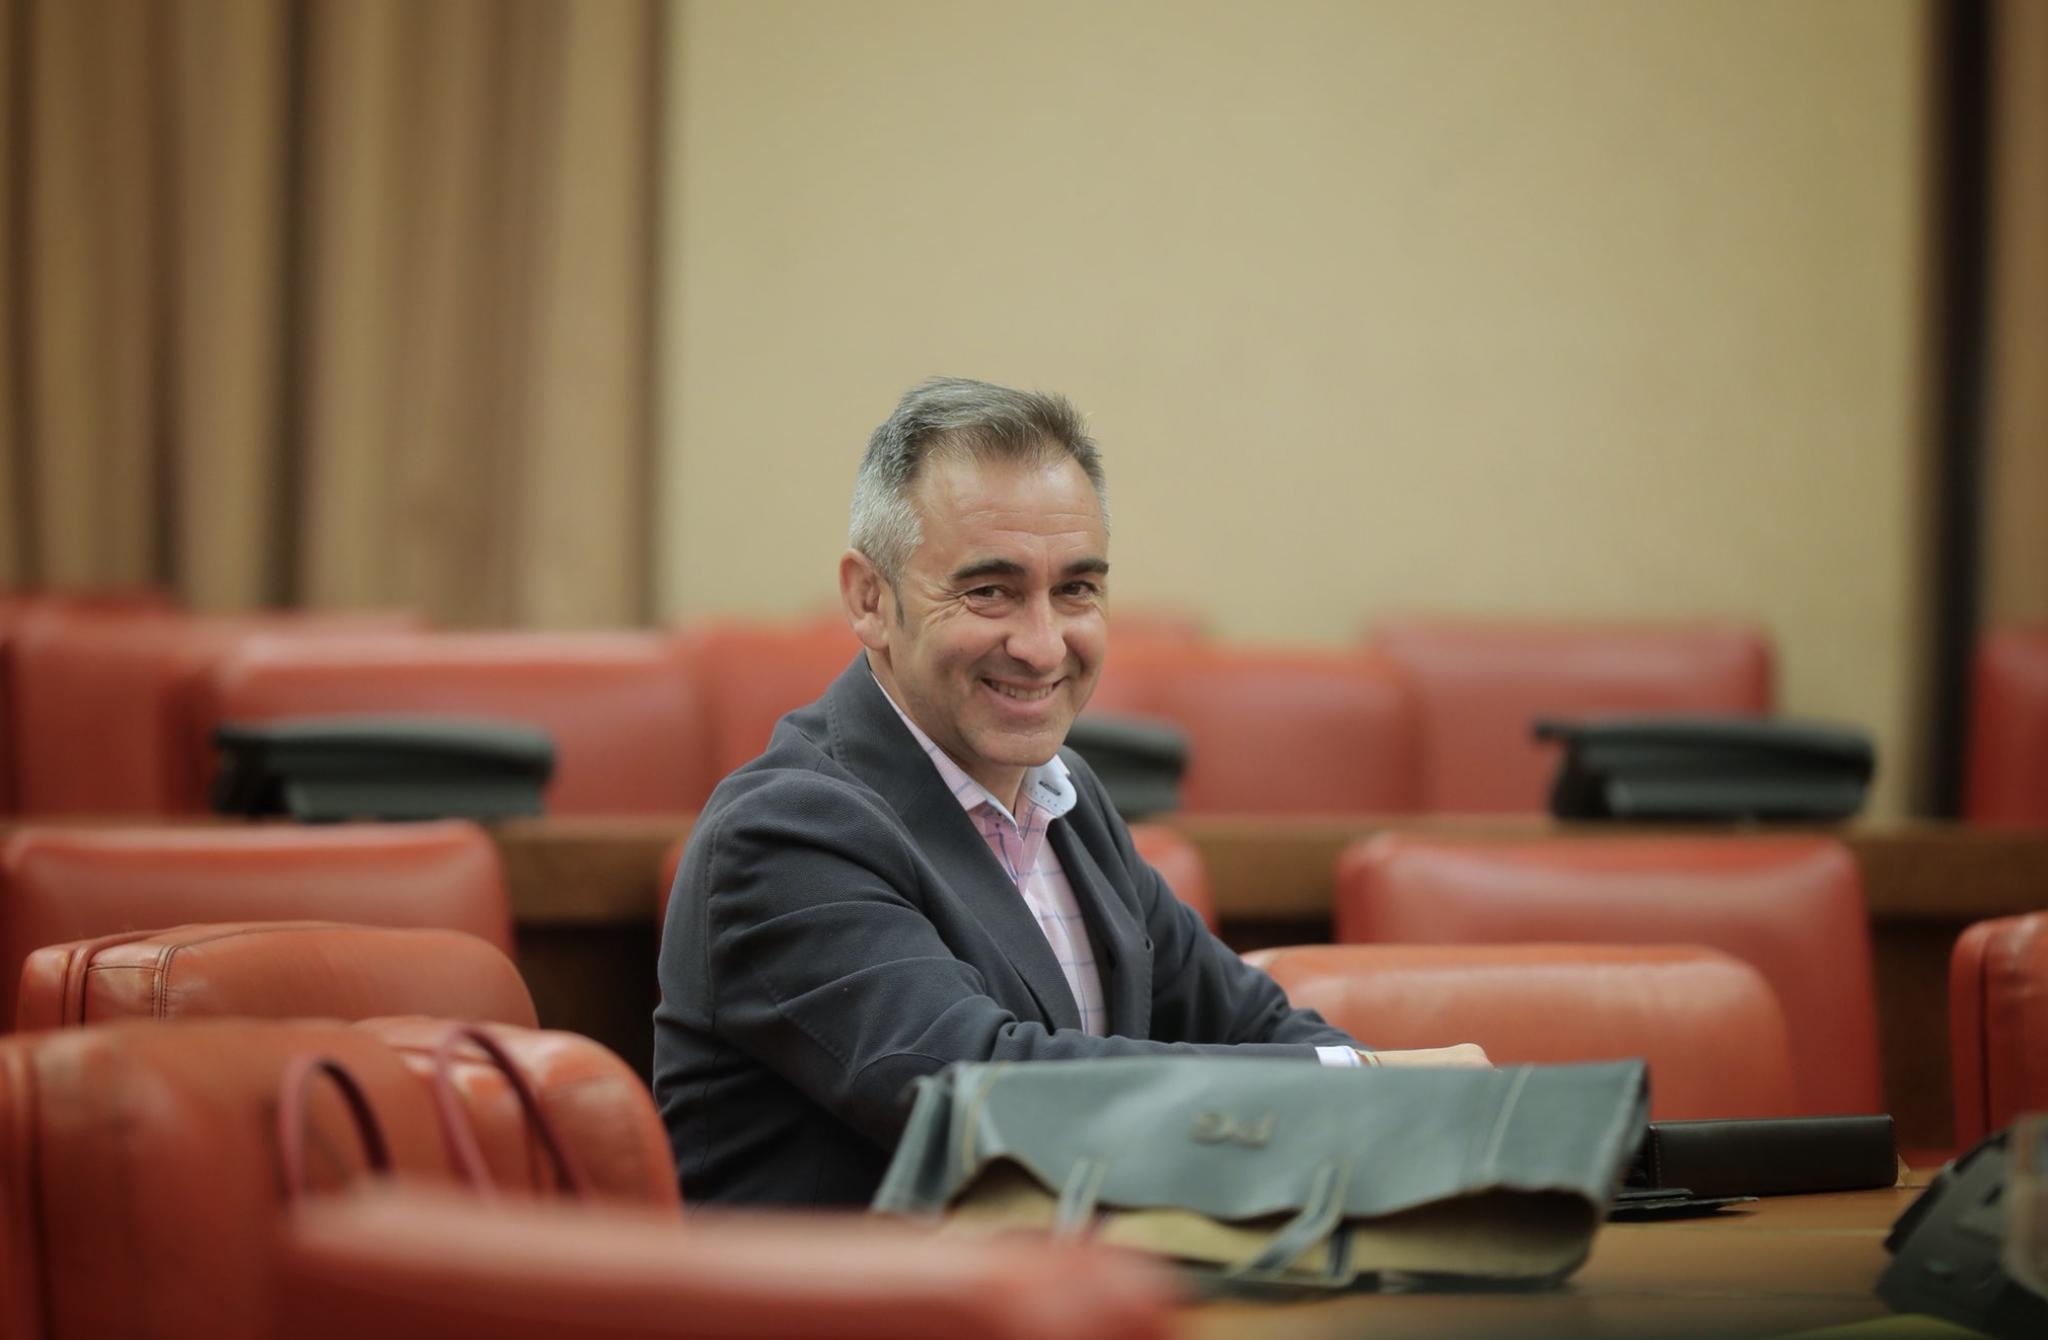 El PPCS urgeix a Puig a què salde els deutes amb els ajuntaments de Castelló per a lluitar contra la Covid-19